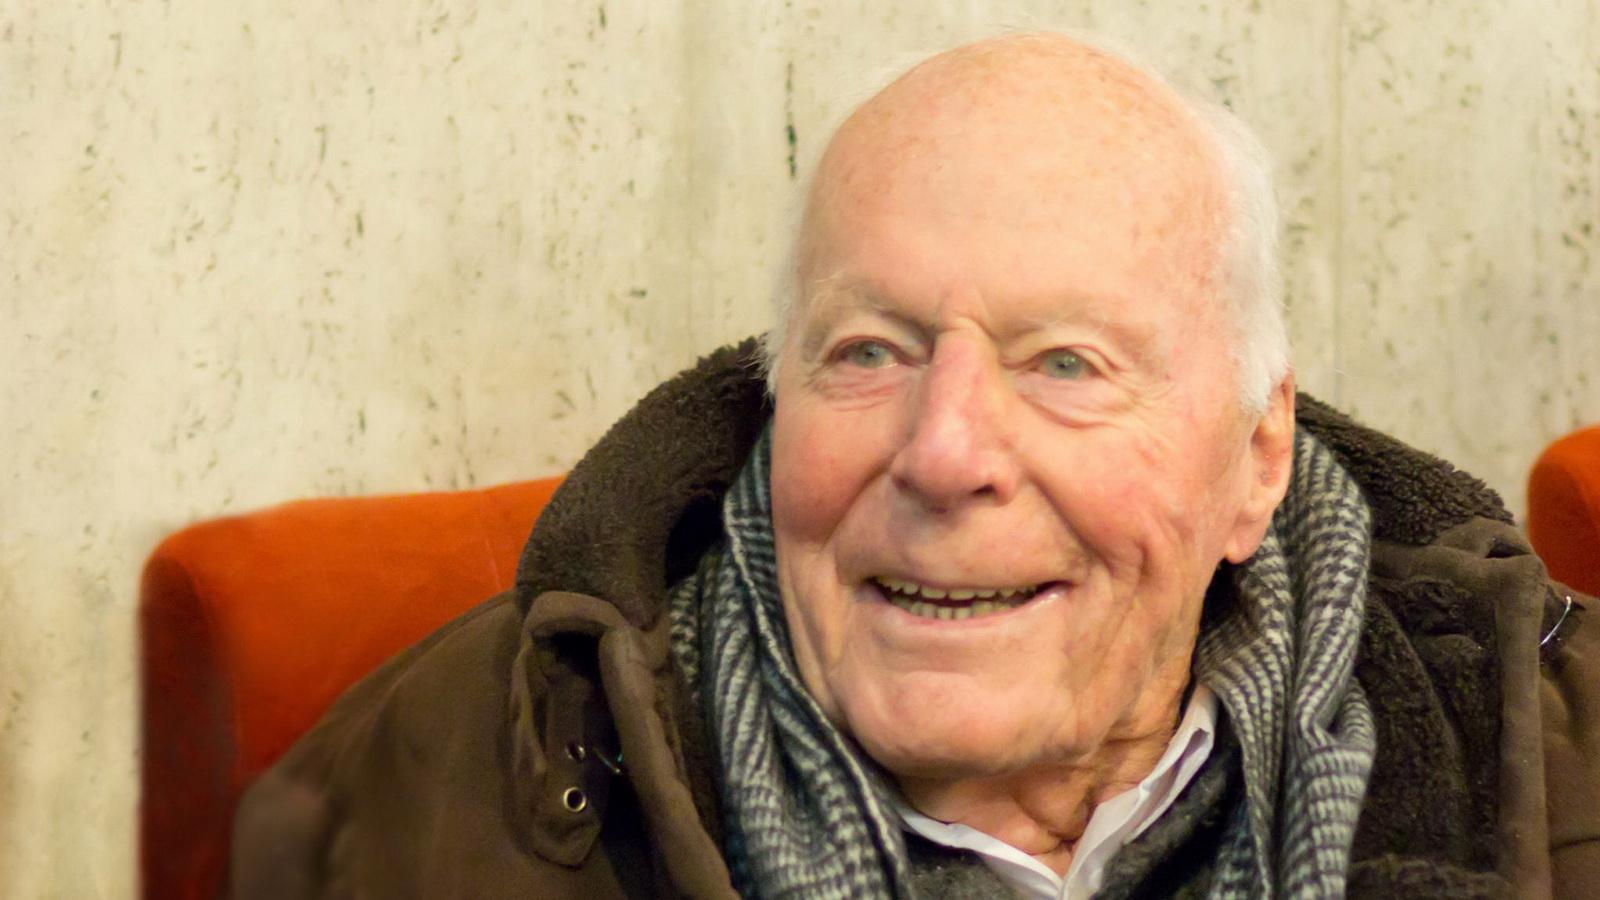 درگذشت Gottfried Böhm معمار آلمانی برنده جایزه پریتزگر